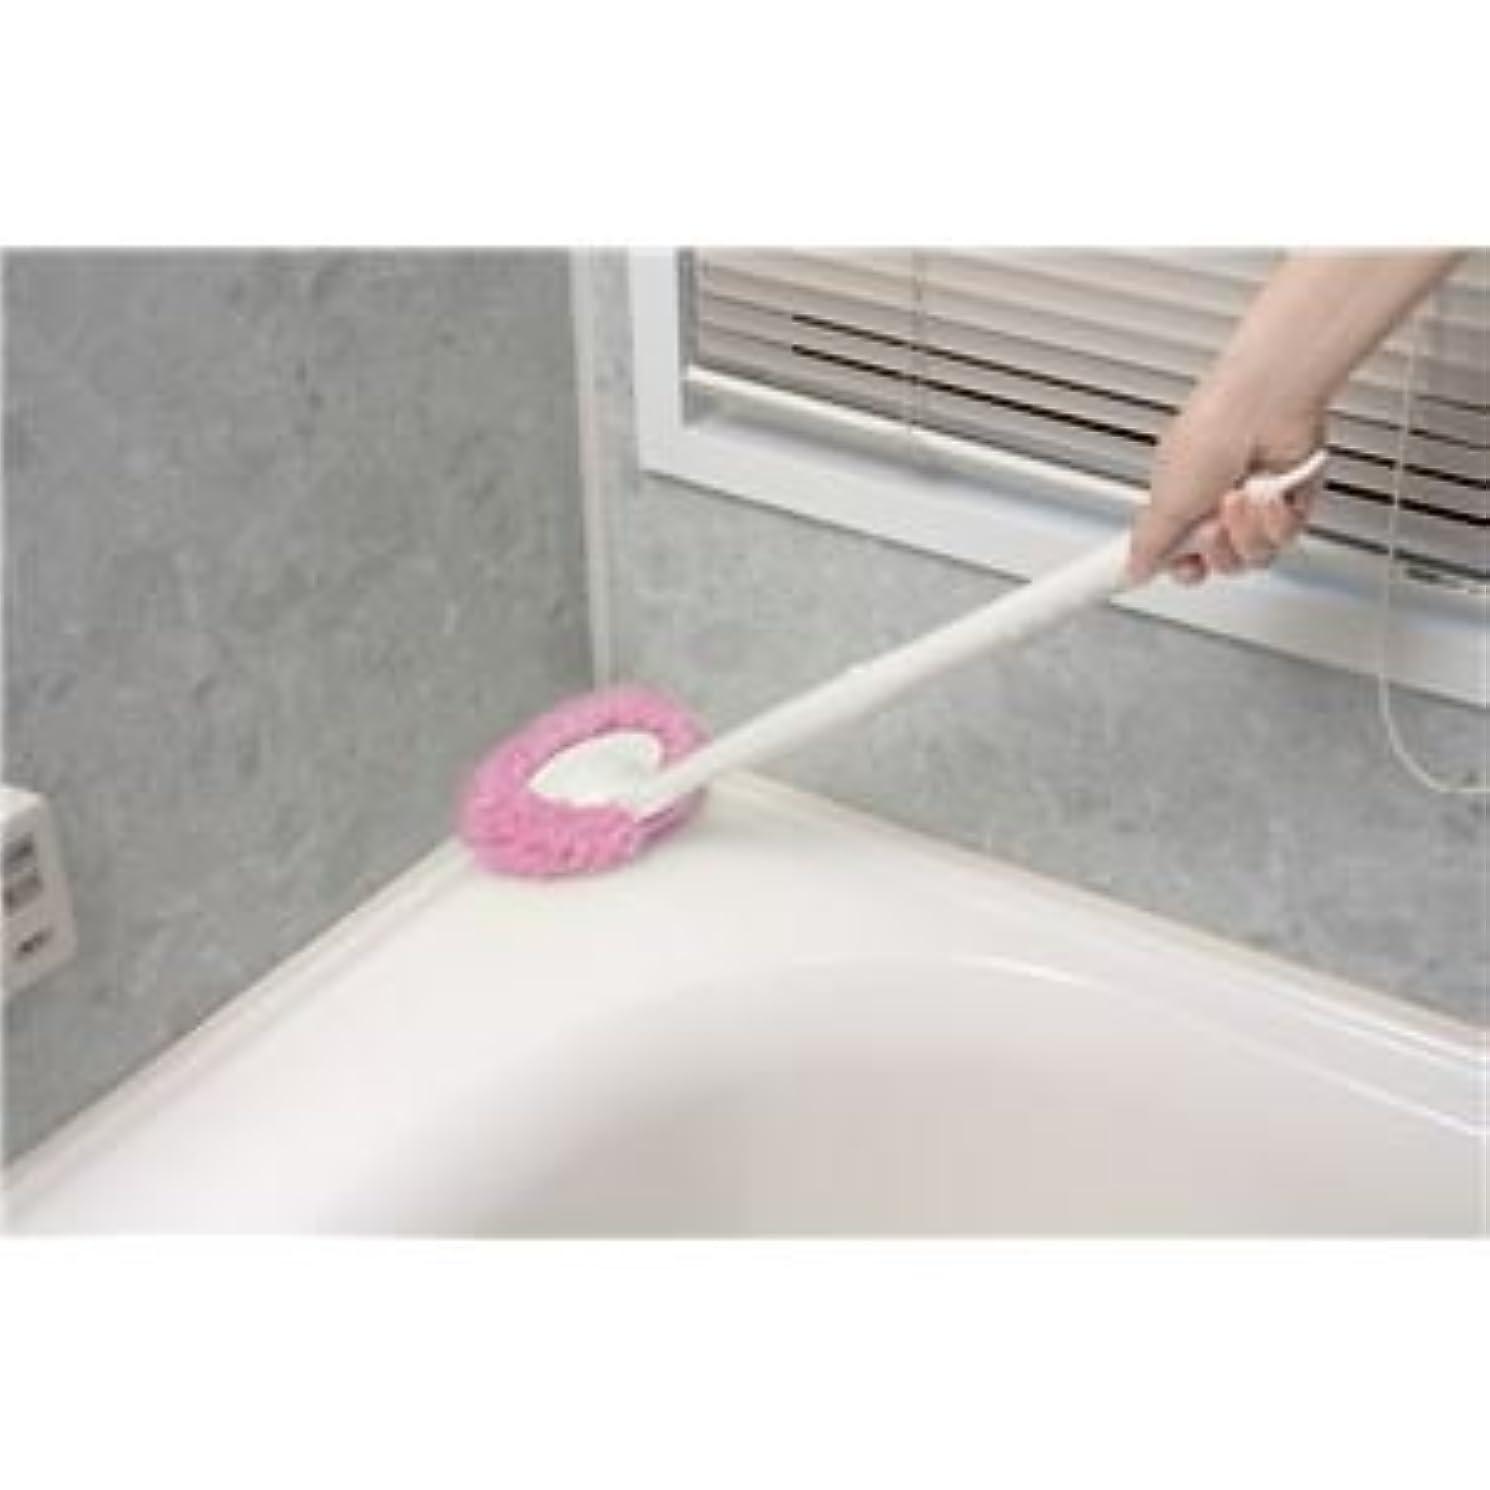 サンコー お風呂びっクリーナーPI (BO-50) ピンク